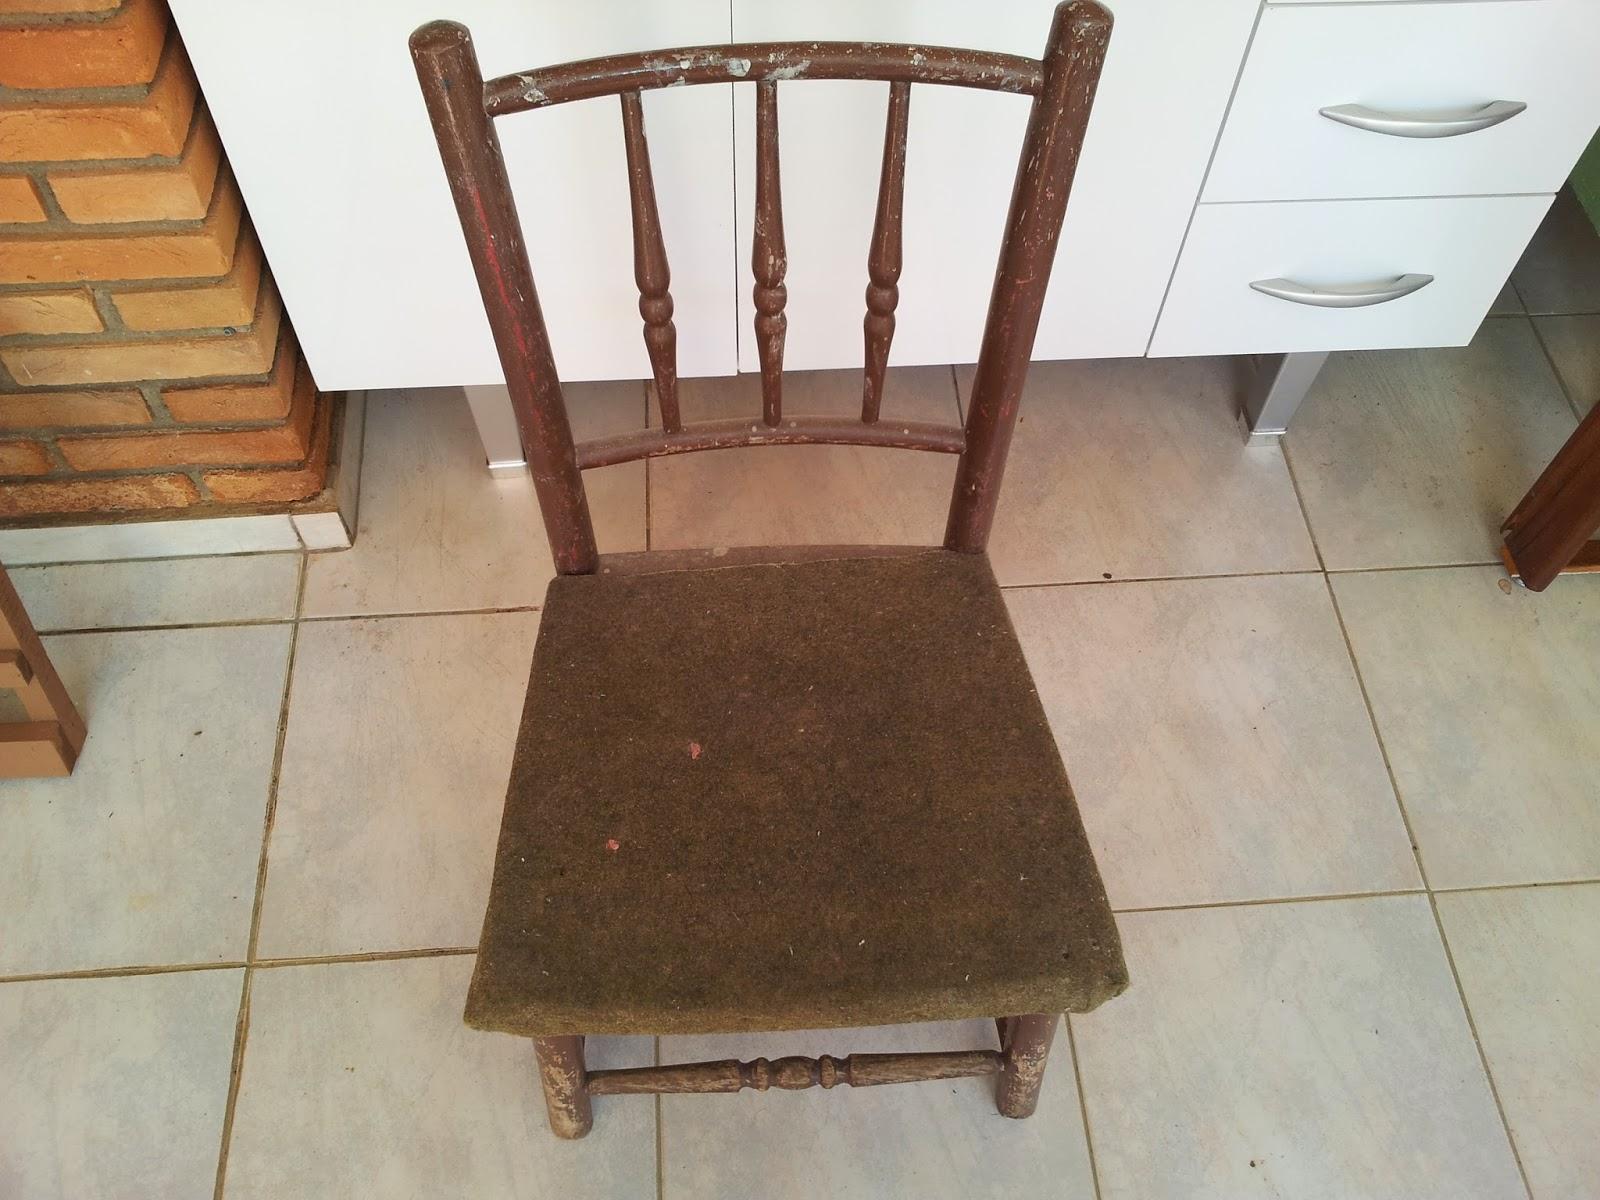 de madeira de demolição no formato do assento e parafusei na #976334 1600x1200